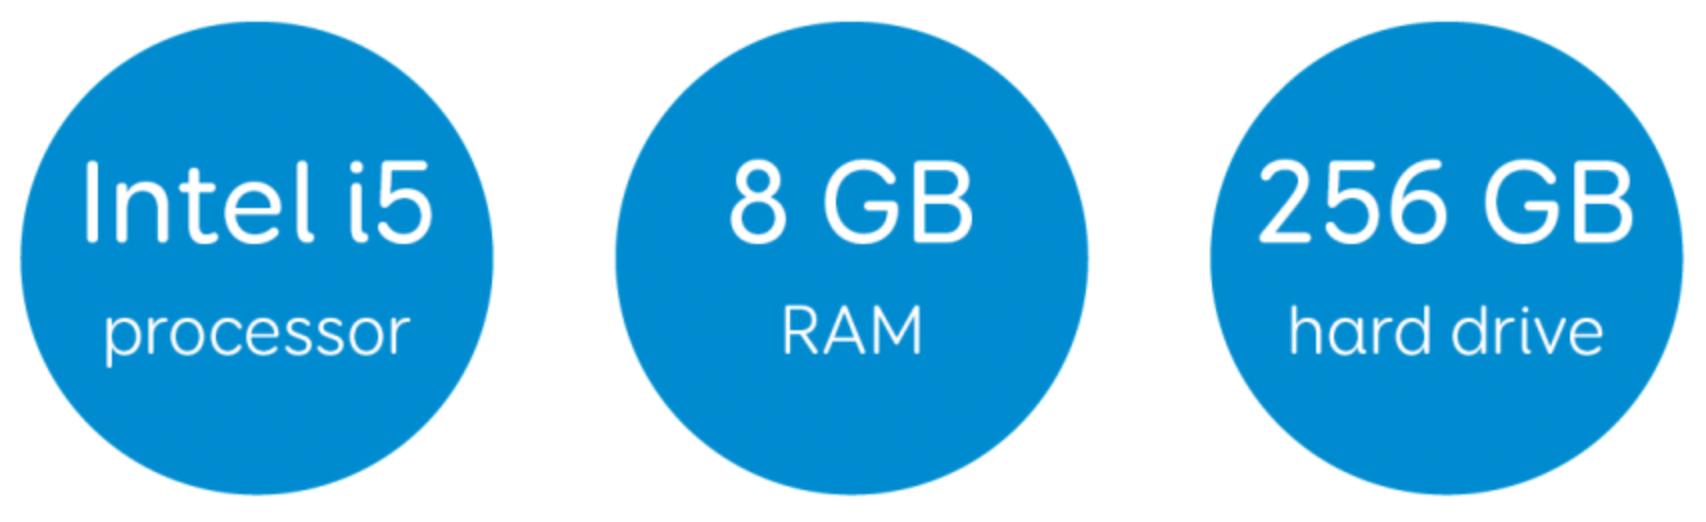 Intel i5 Processor, 8 GB RAM, and 256 GB hard drive